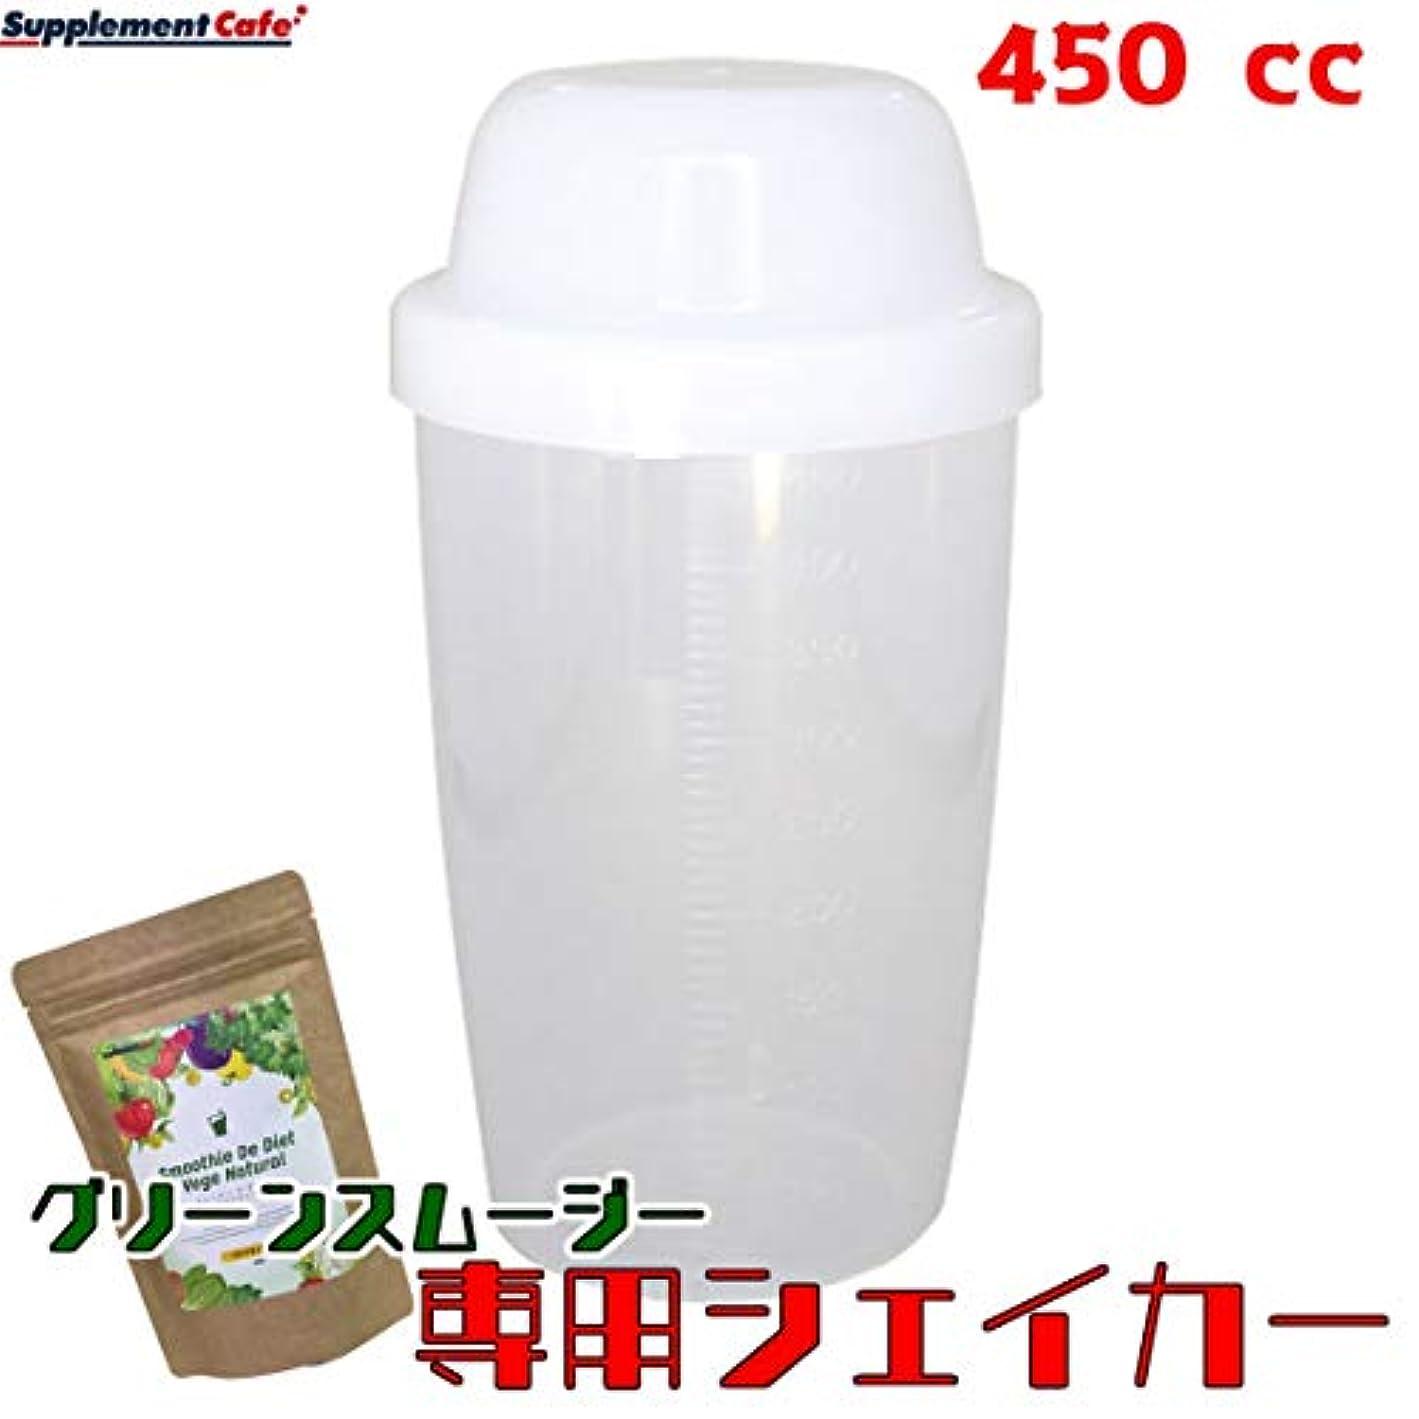 アソシエイトデザイナー解釈的【スムージー用シェイカー 450cc】スムージーデダイエットベジナチュラル